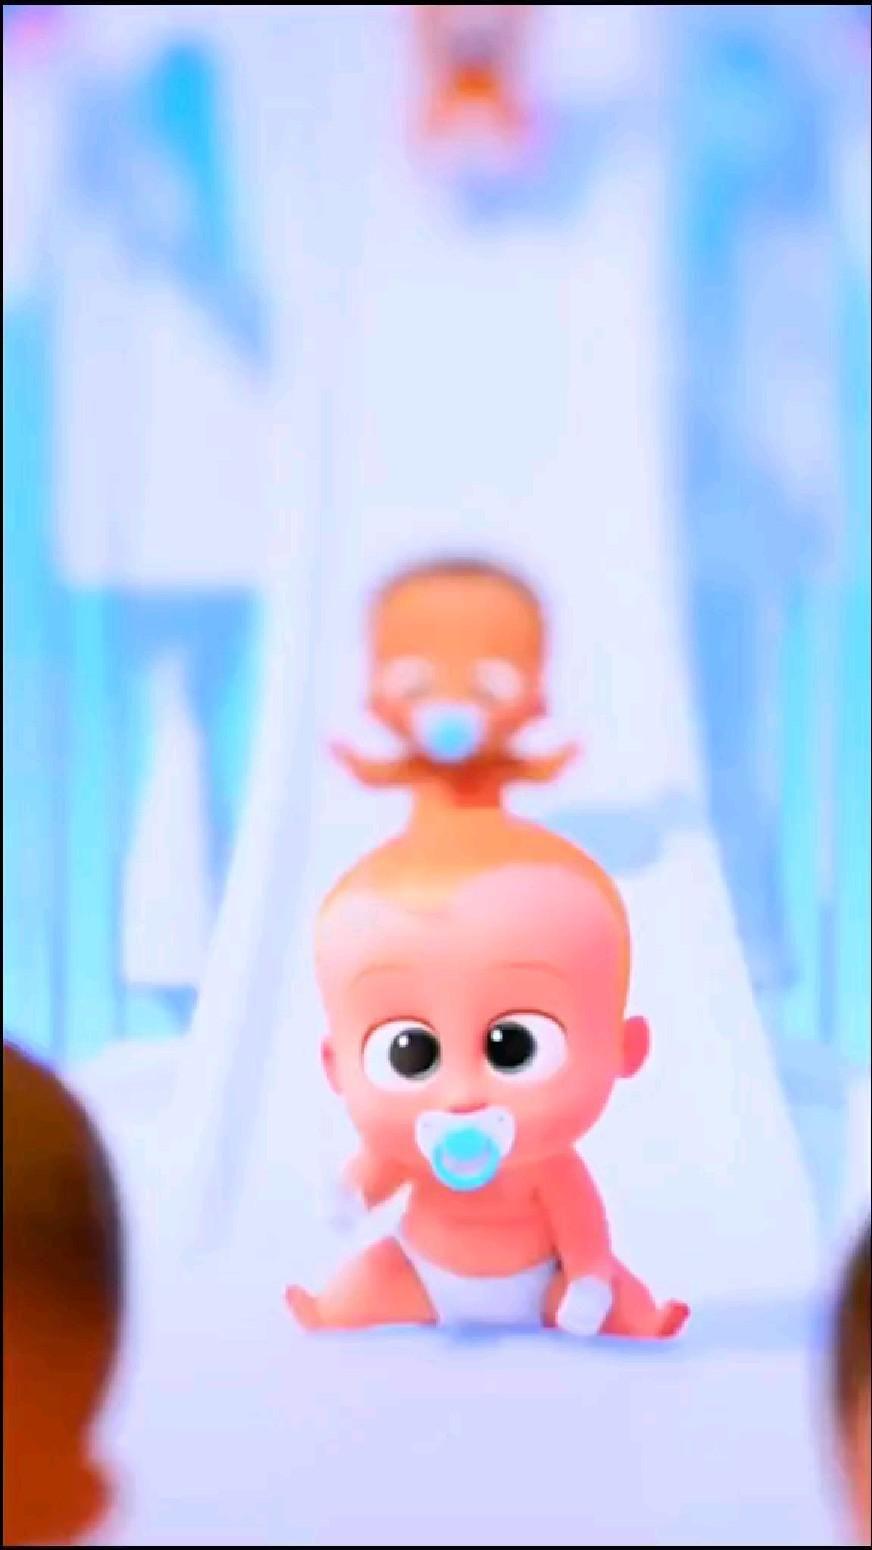 Cute Baby Boss 4k